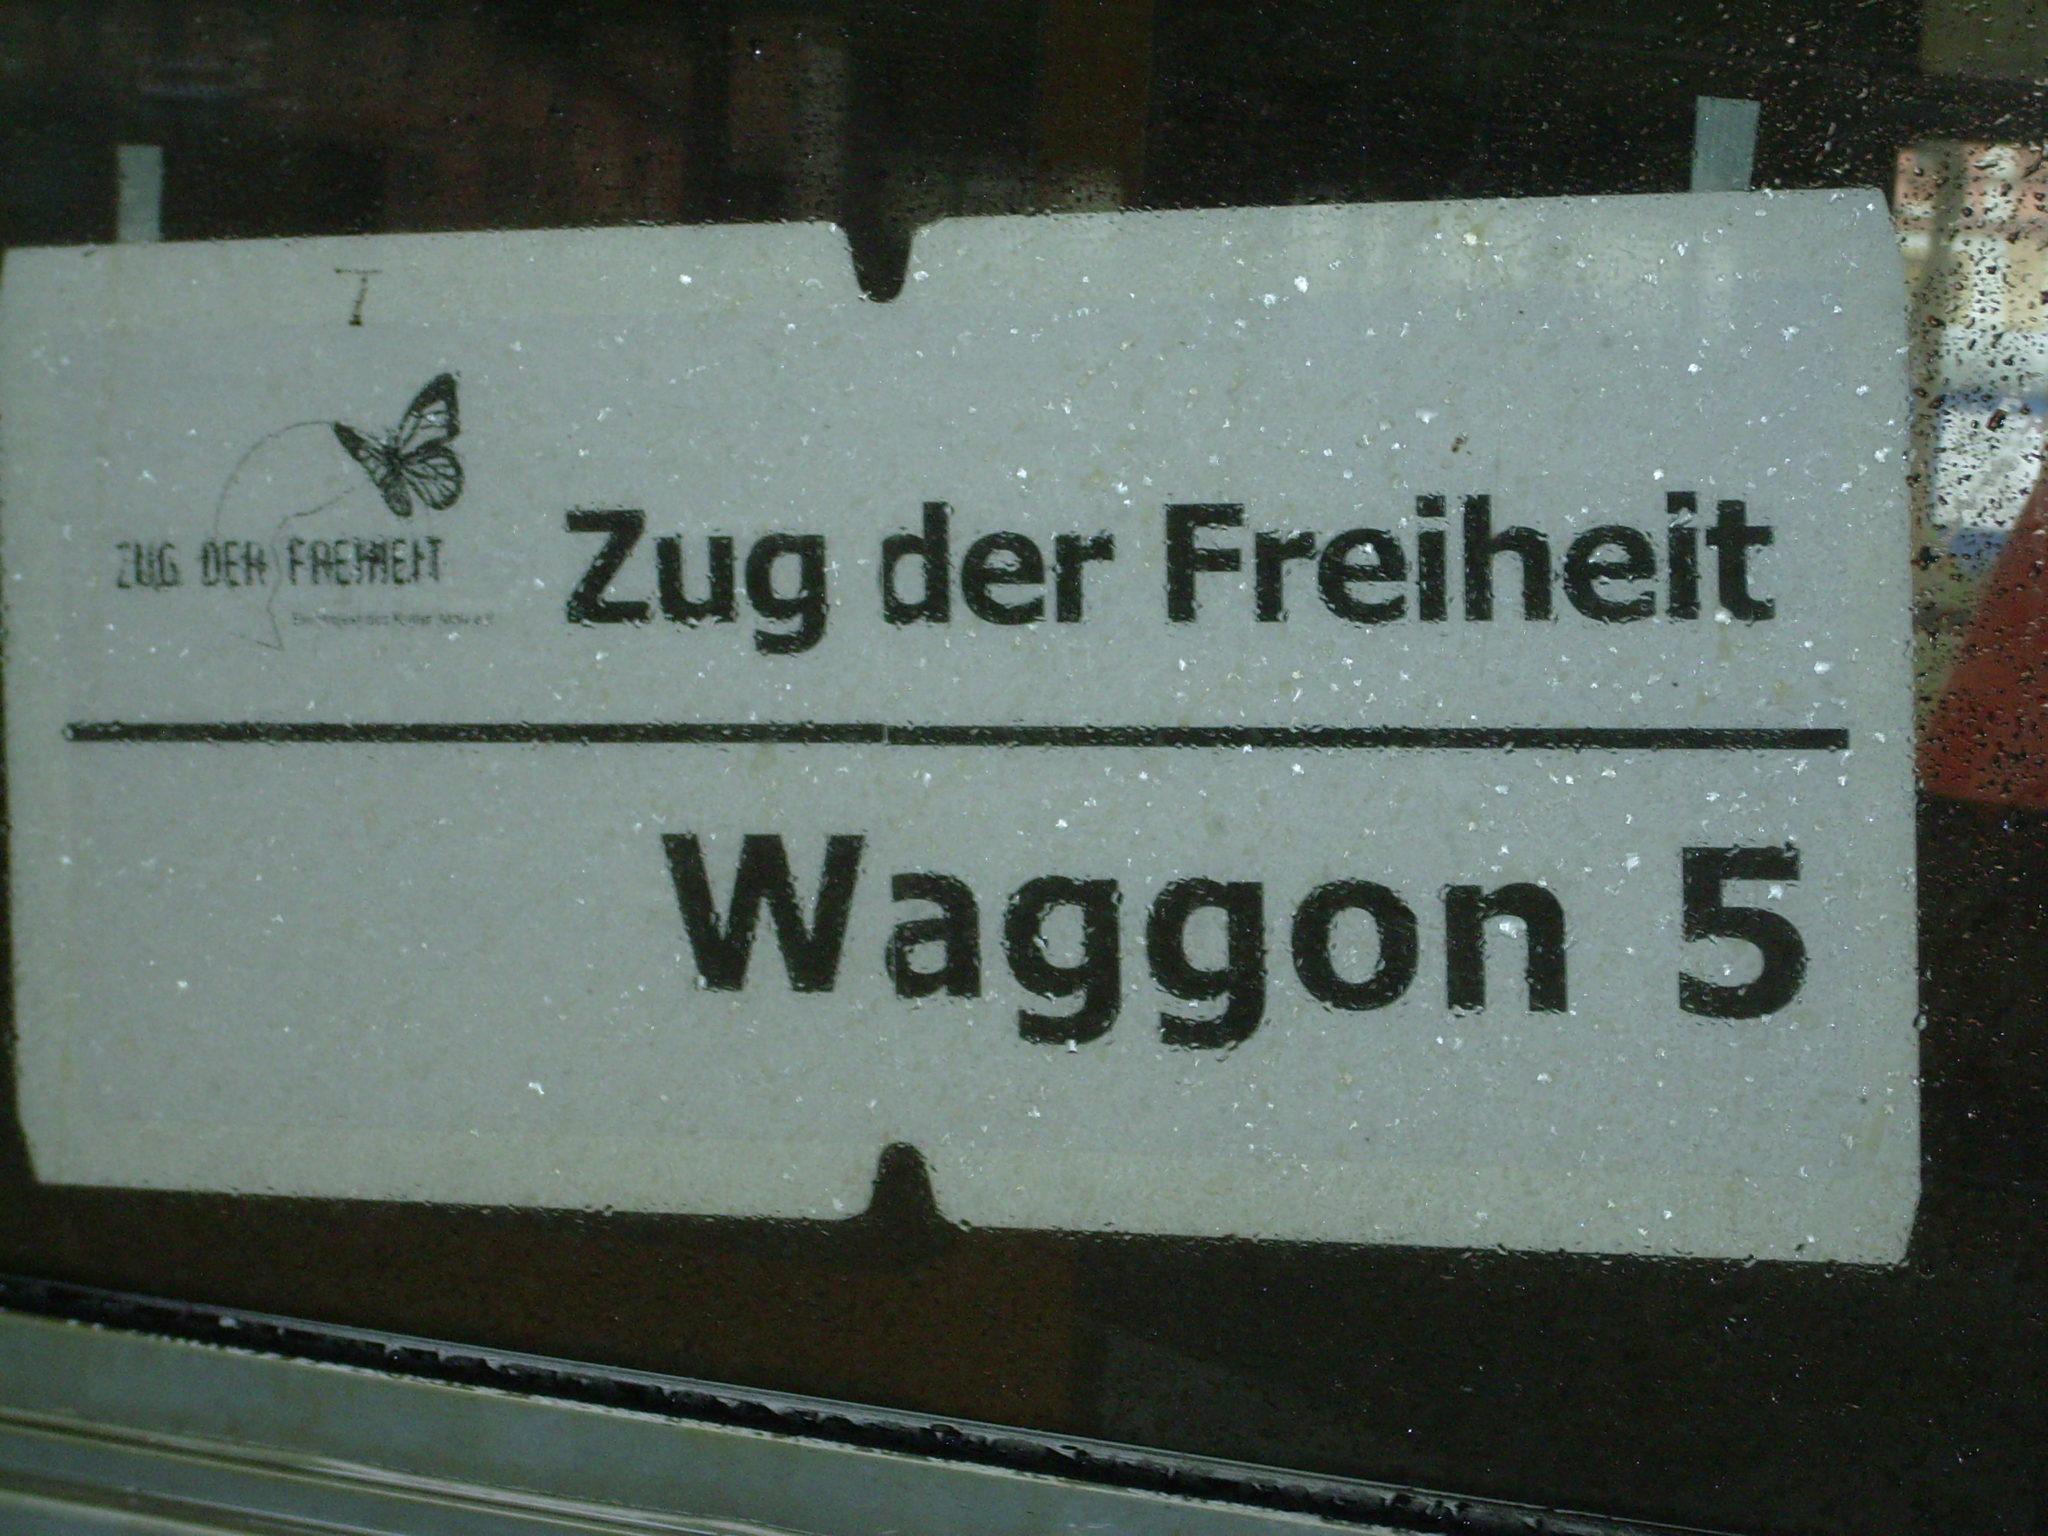 Zug der Freiheit Waggon 5